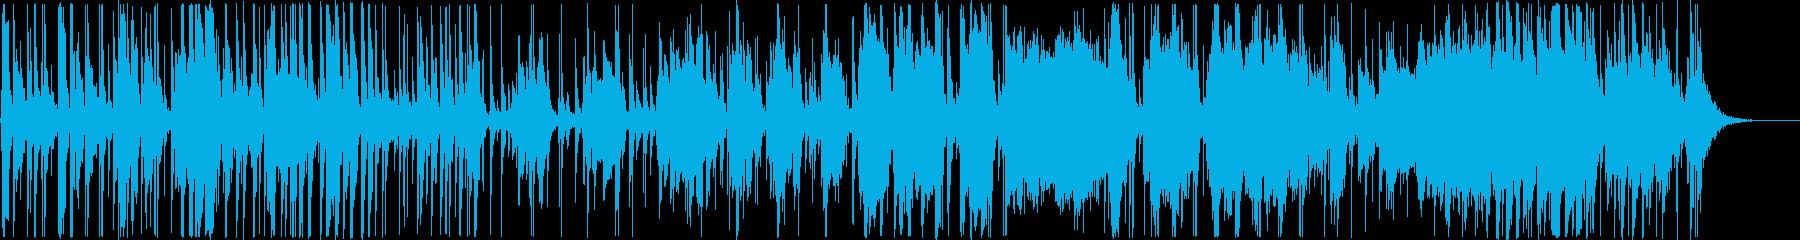 エスニック。トリオ即興ドラム、シタ...の再生済みの波形